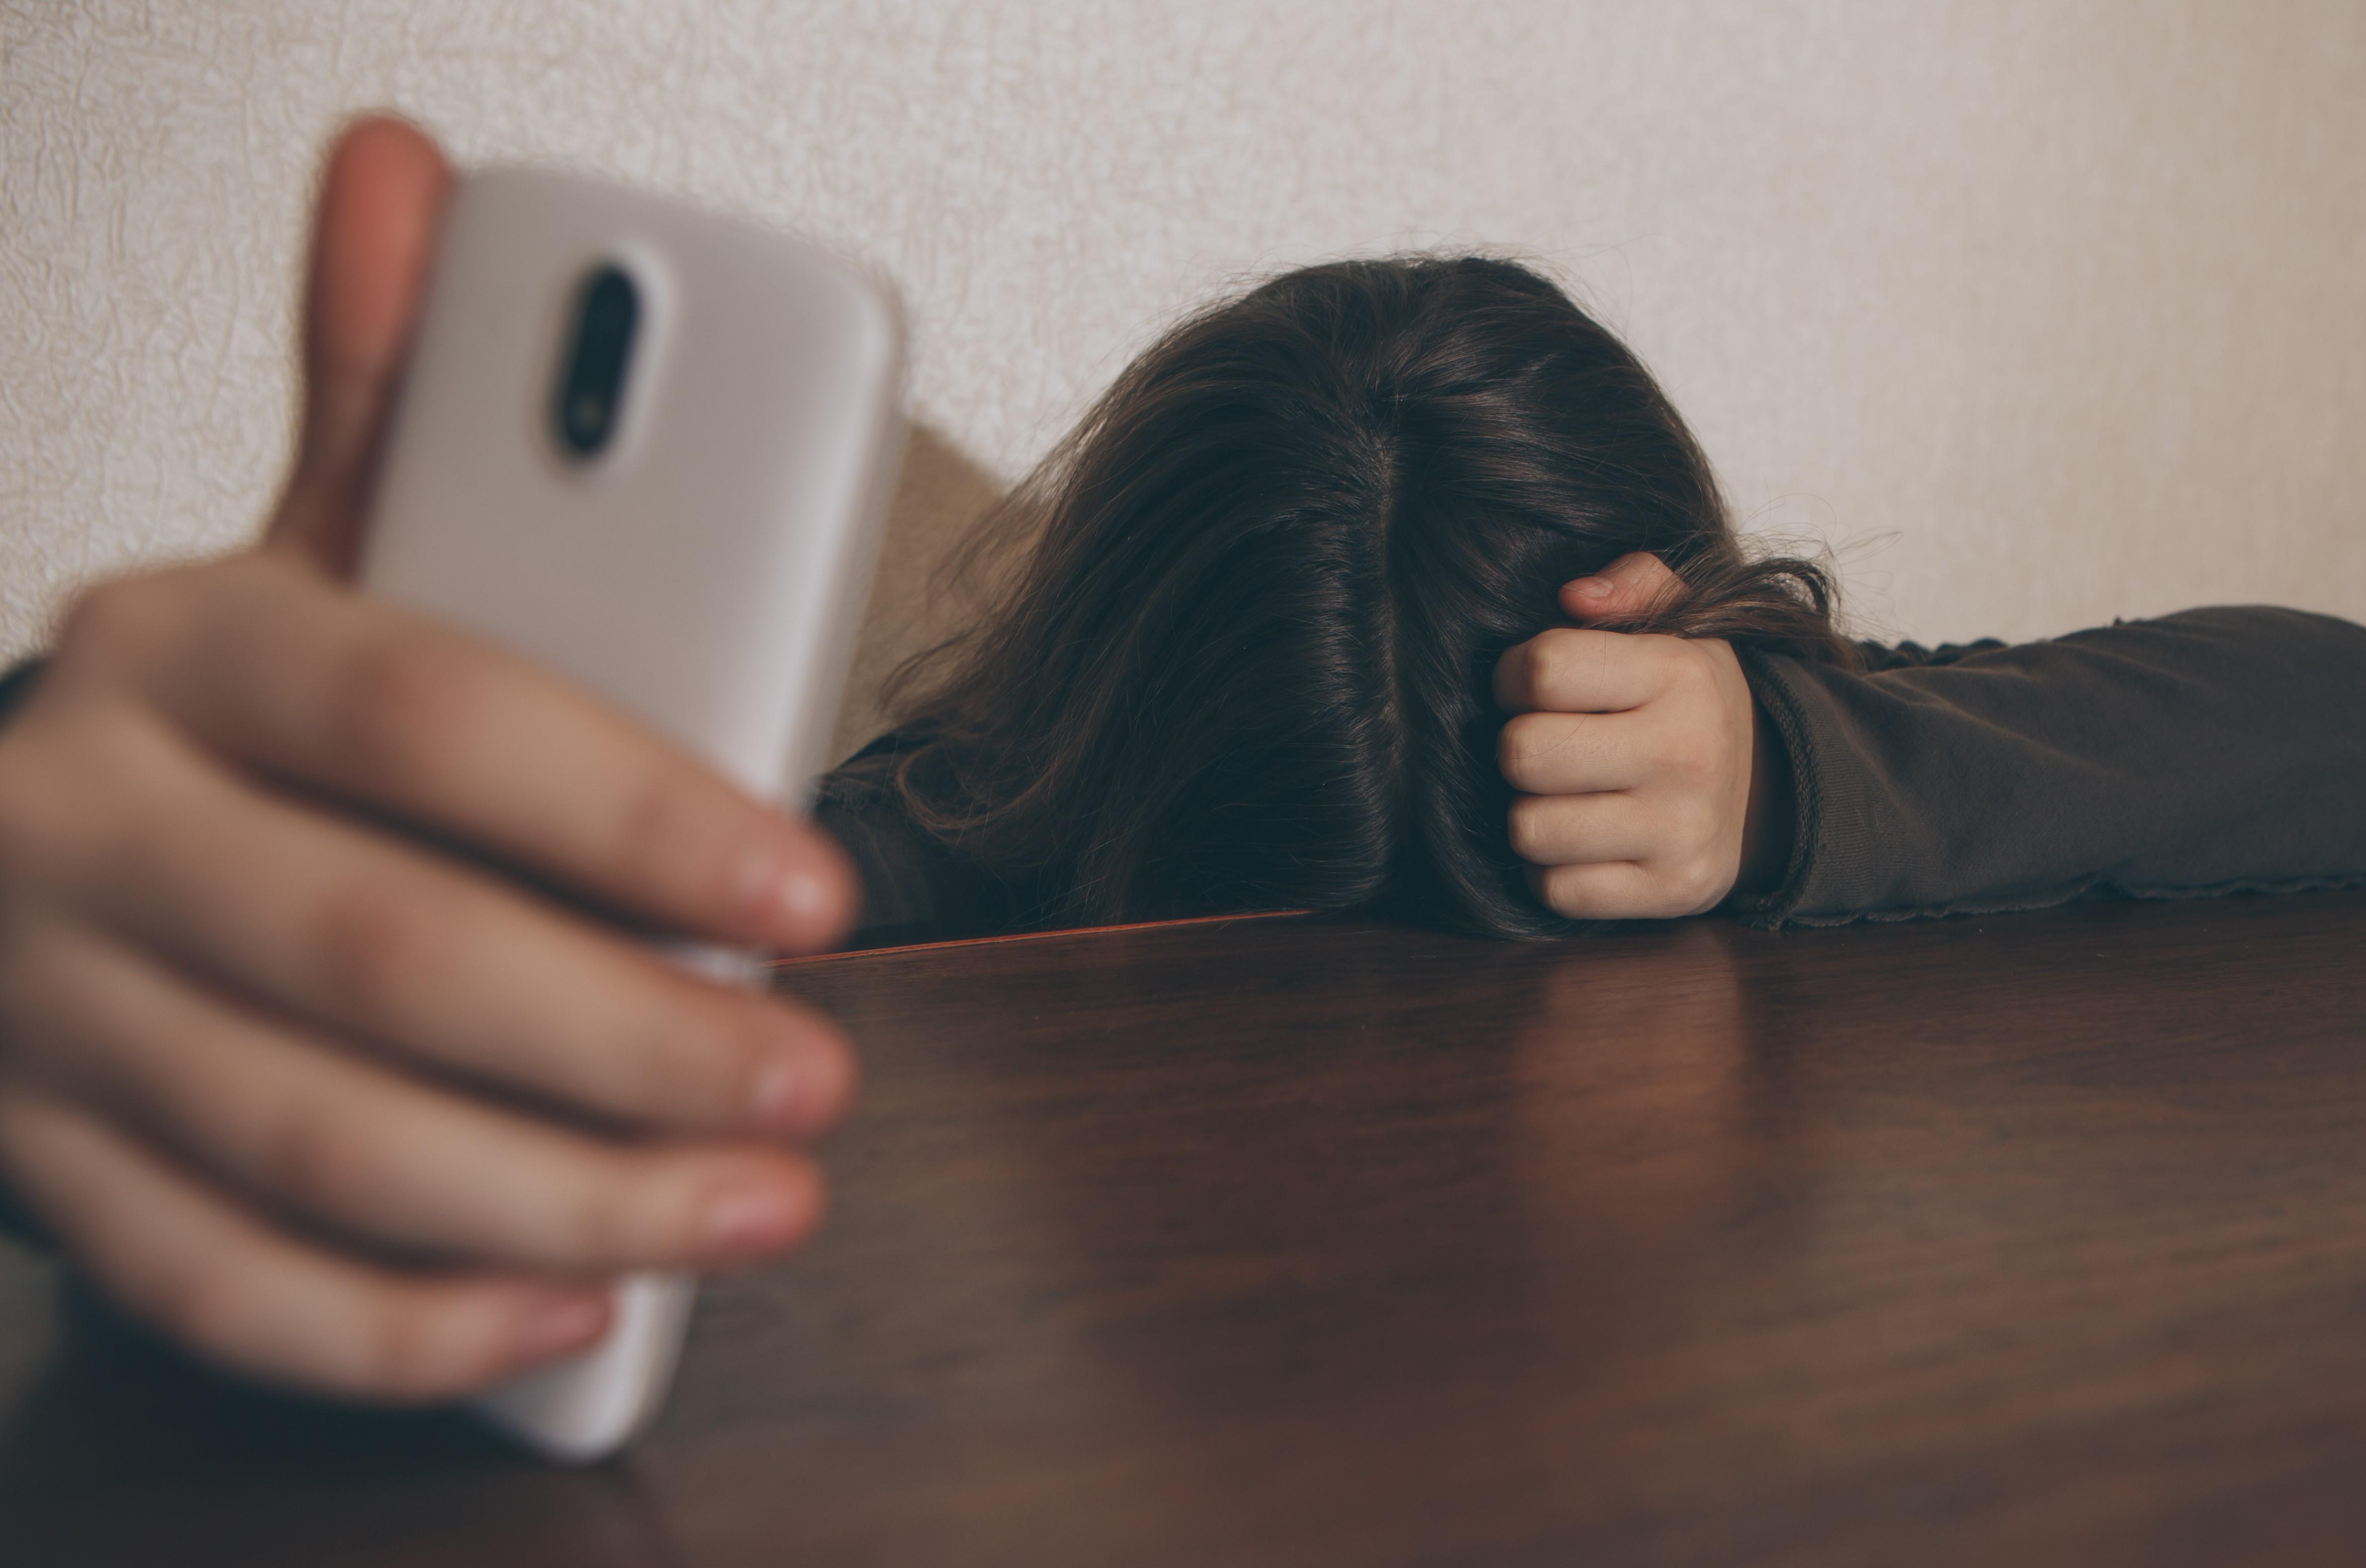 niña-acoso-redes-sociales-ciberbullying